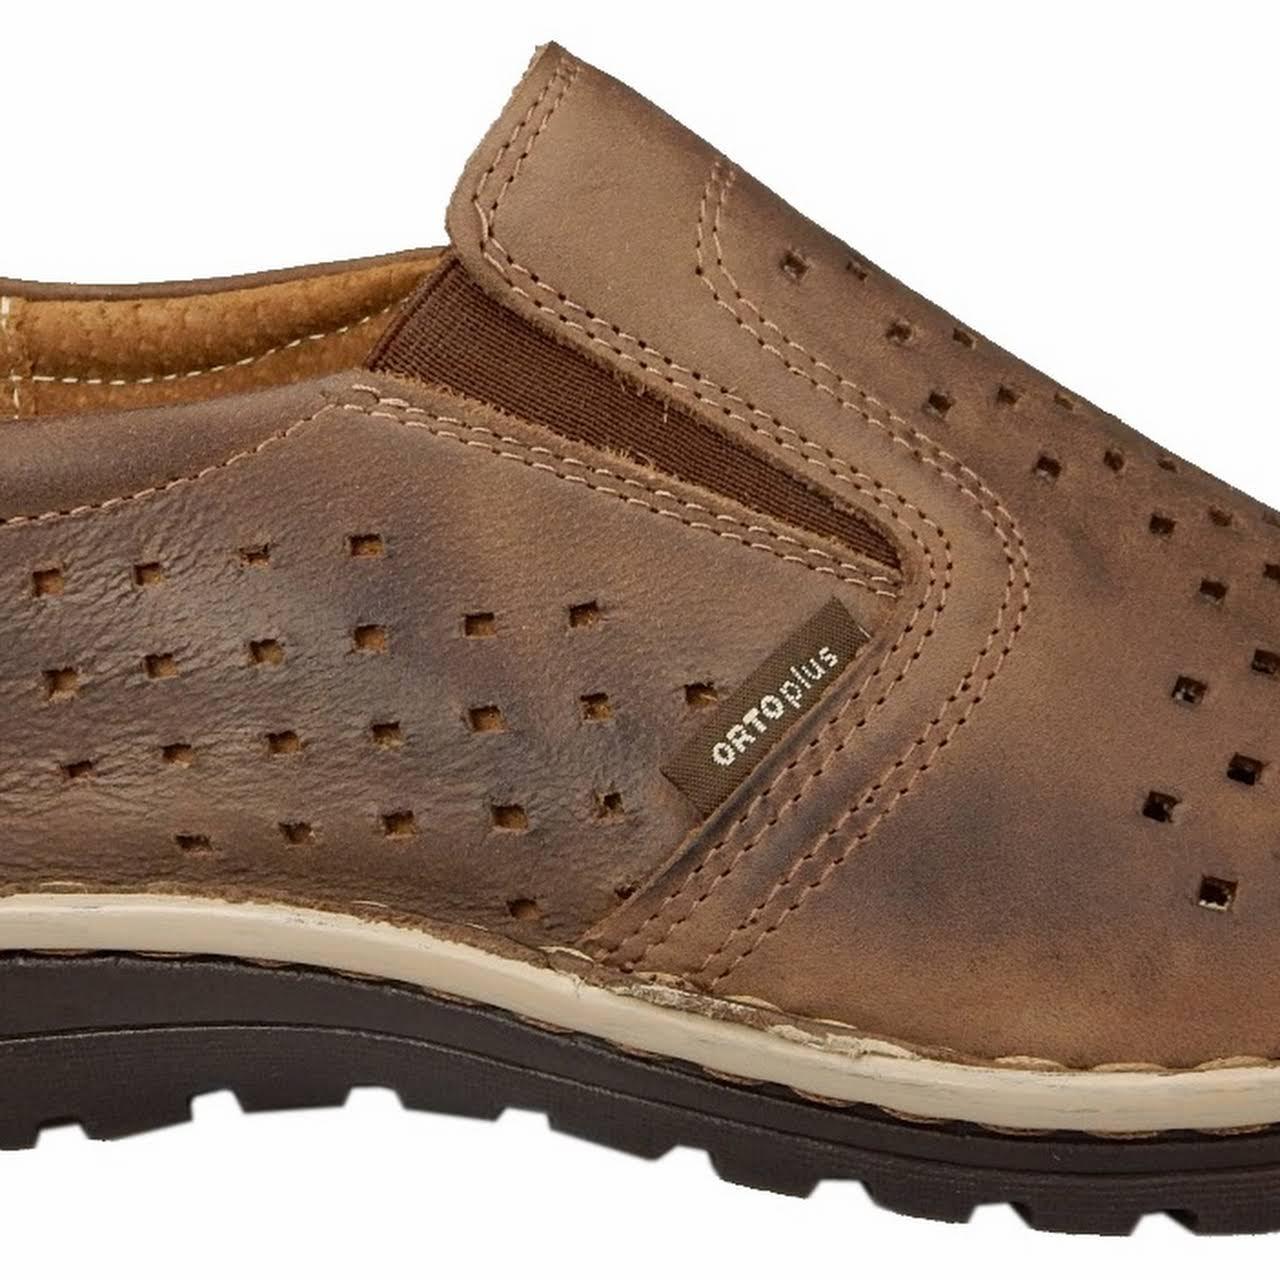 Komfortní a zdravotní kožená obuv ORTO plus 2018. Zveřejněno 10.11.2017 ec32a04bfb